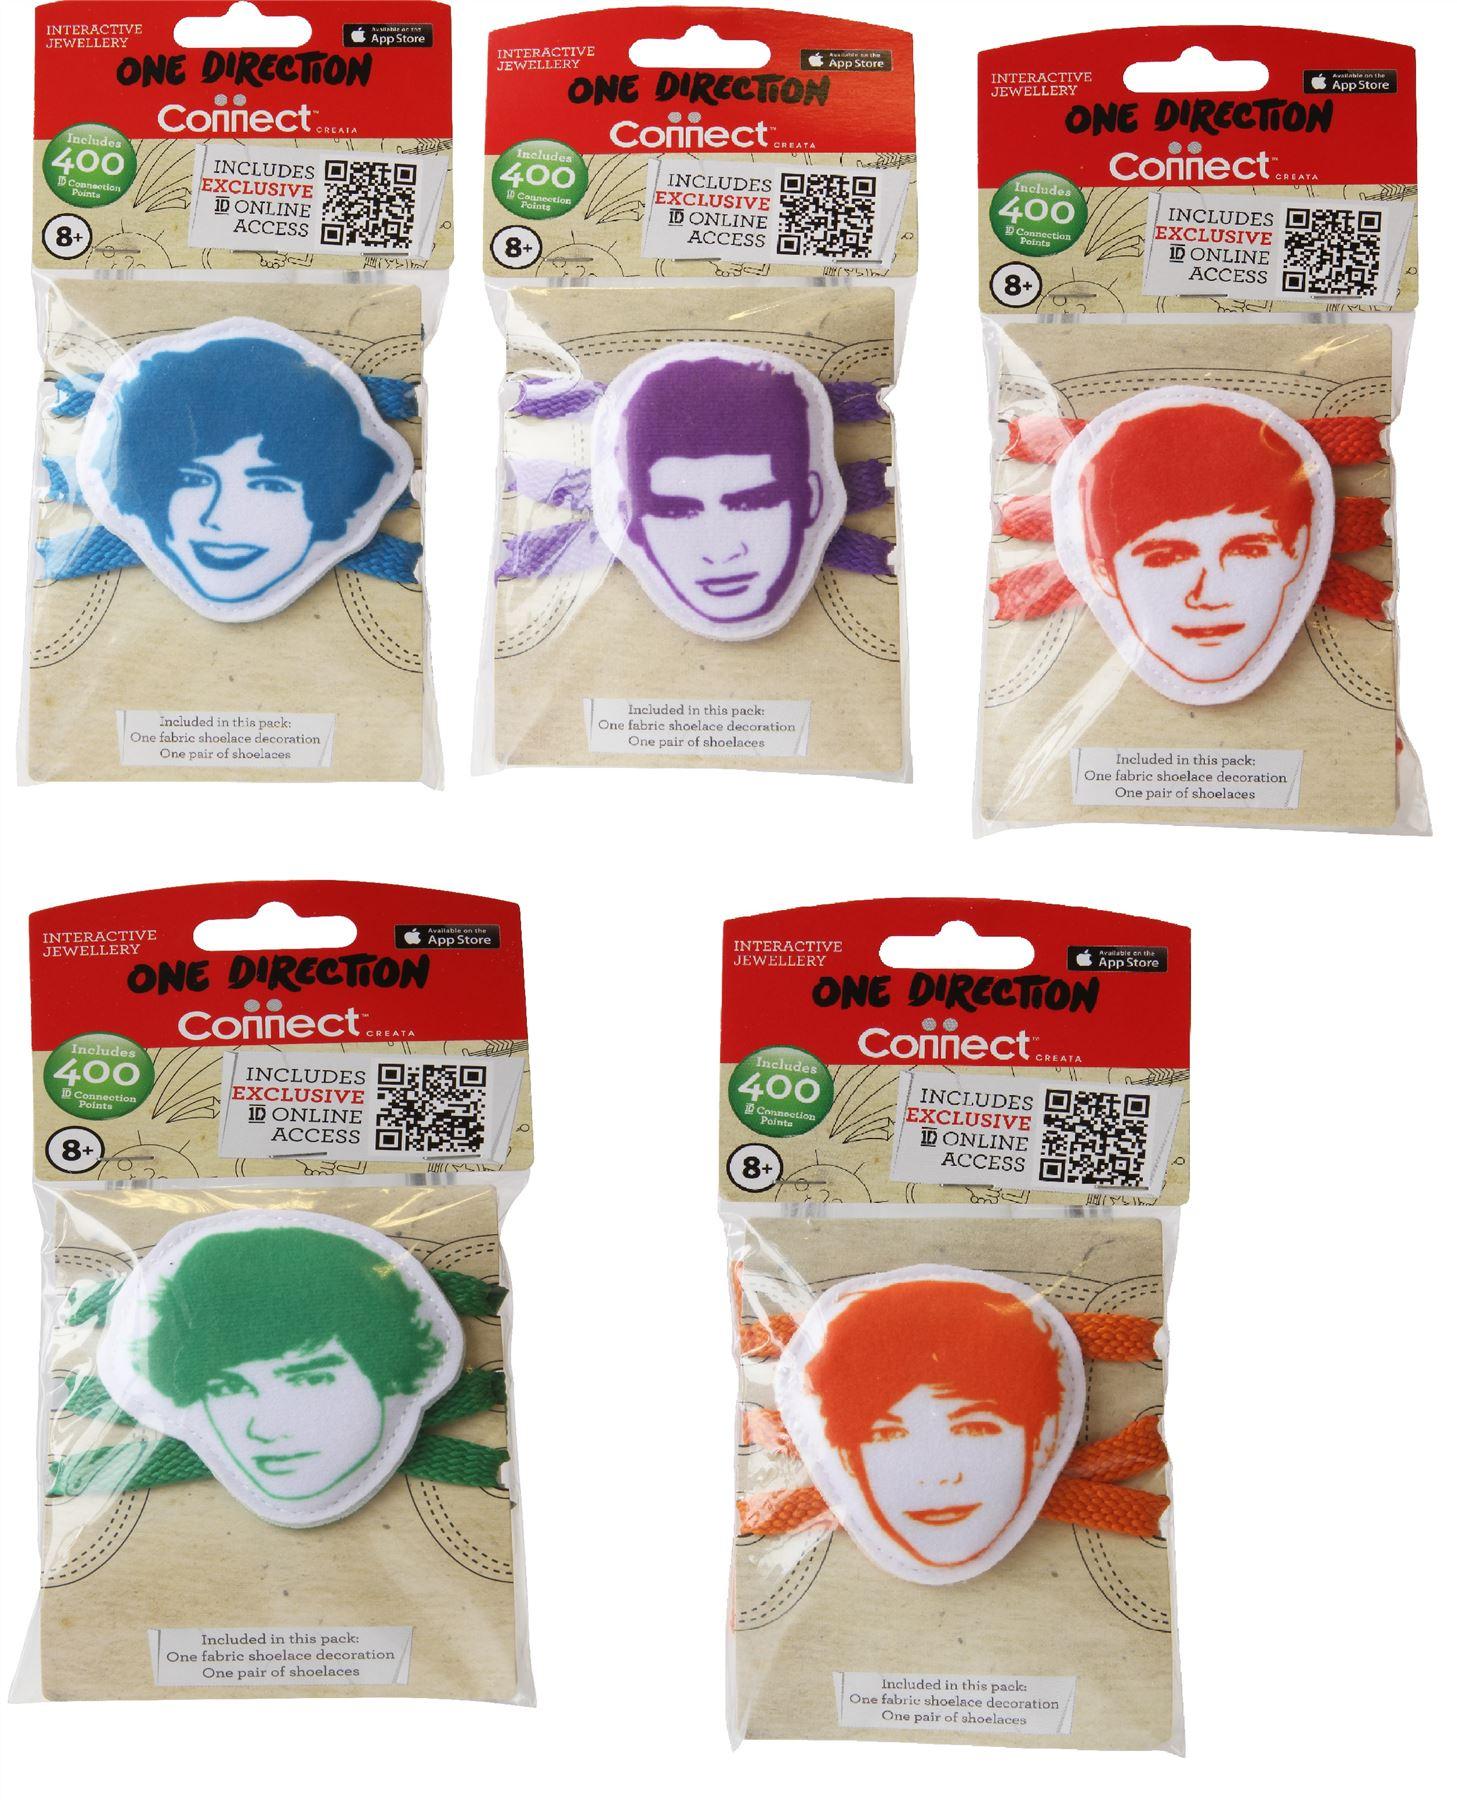 One Direction Fabric Shoelace Bundle 5 Item Bundle